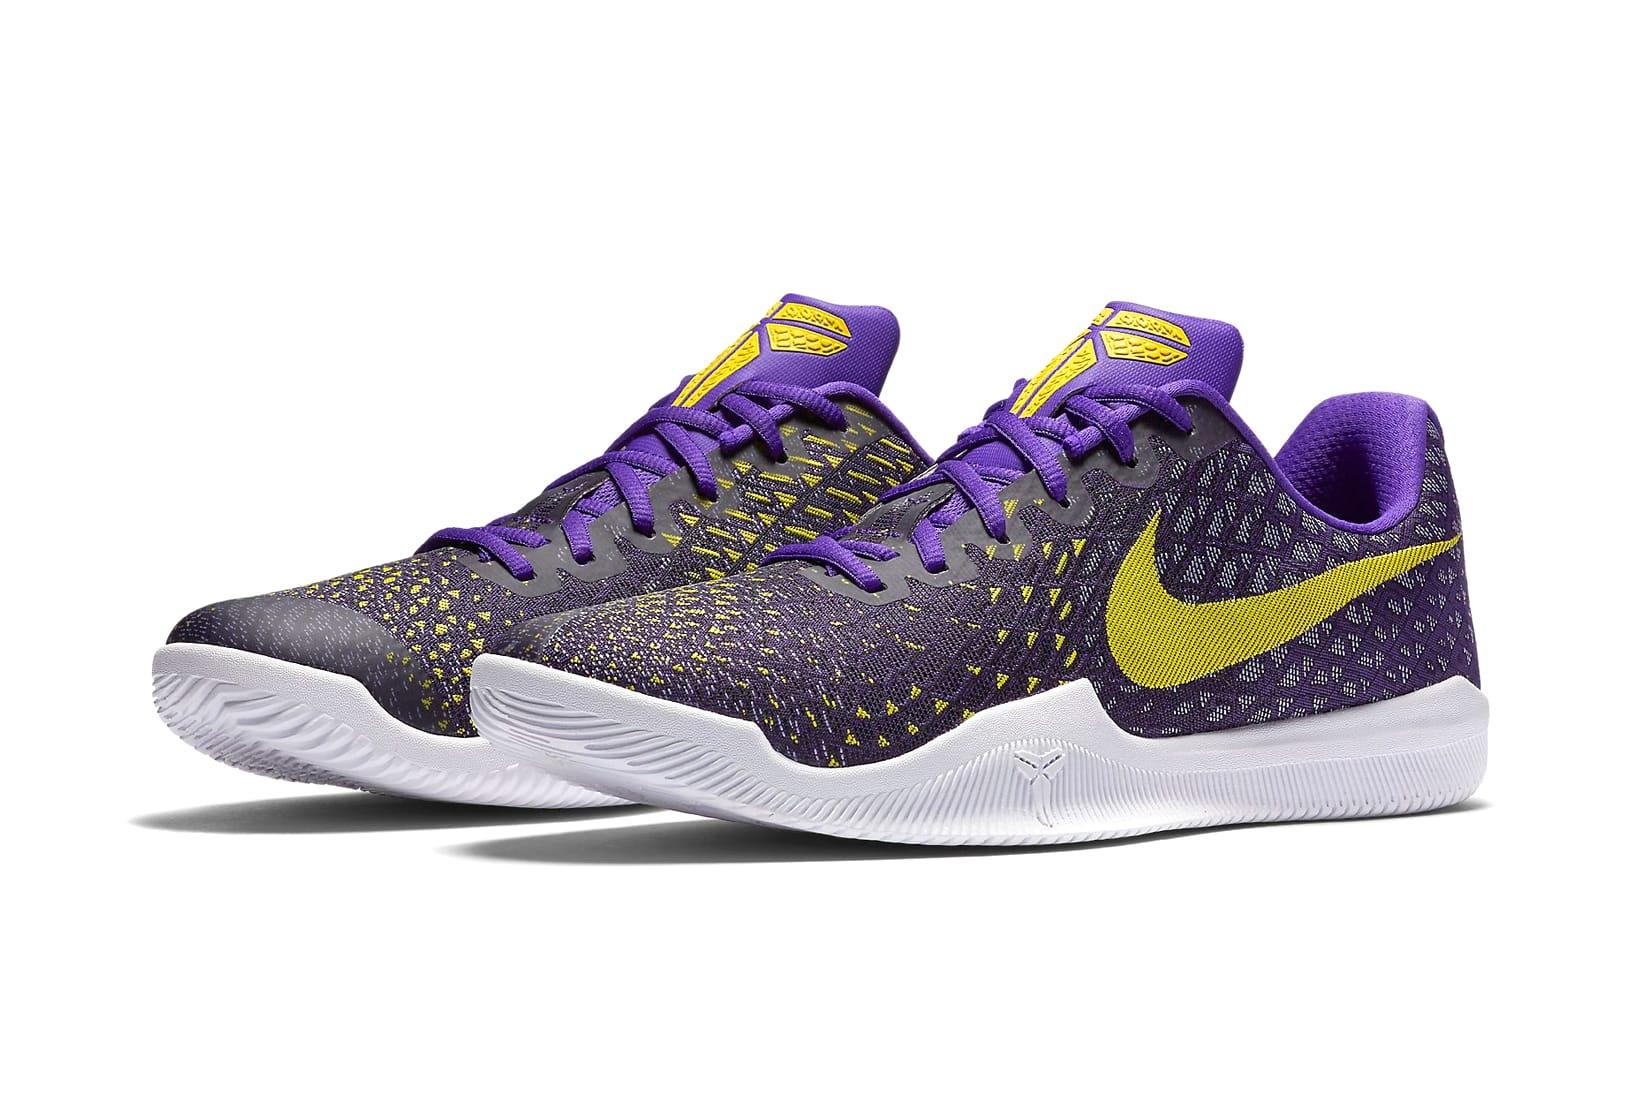 Kobe Bryant Nike Mamba Instinct | HYPEBEAST